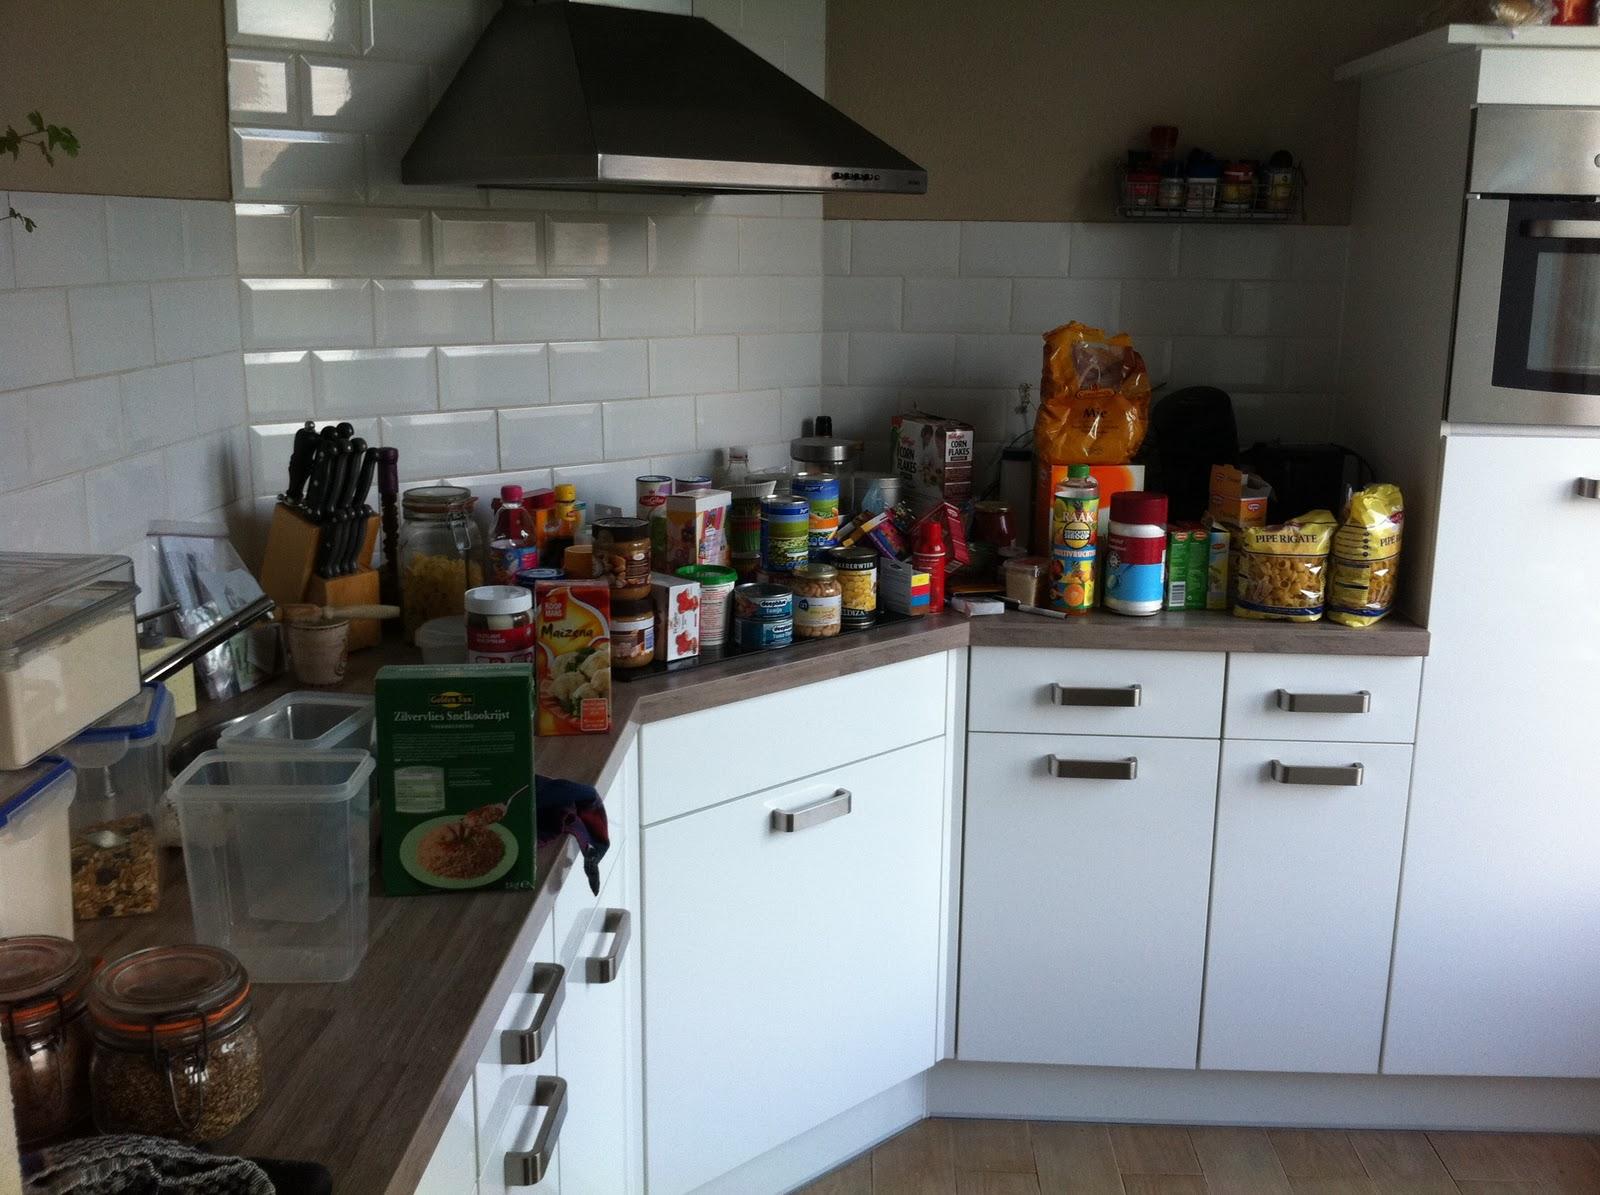 Donkere Keuken Lichter Maken : De schade…Volgens zoonlief was ik 'toep' aan het maken